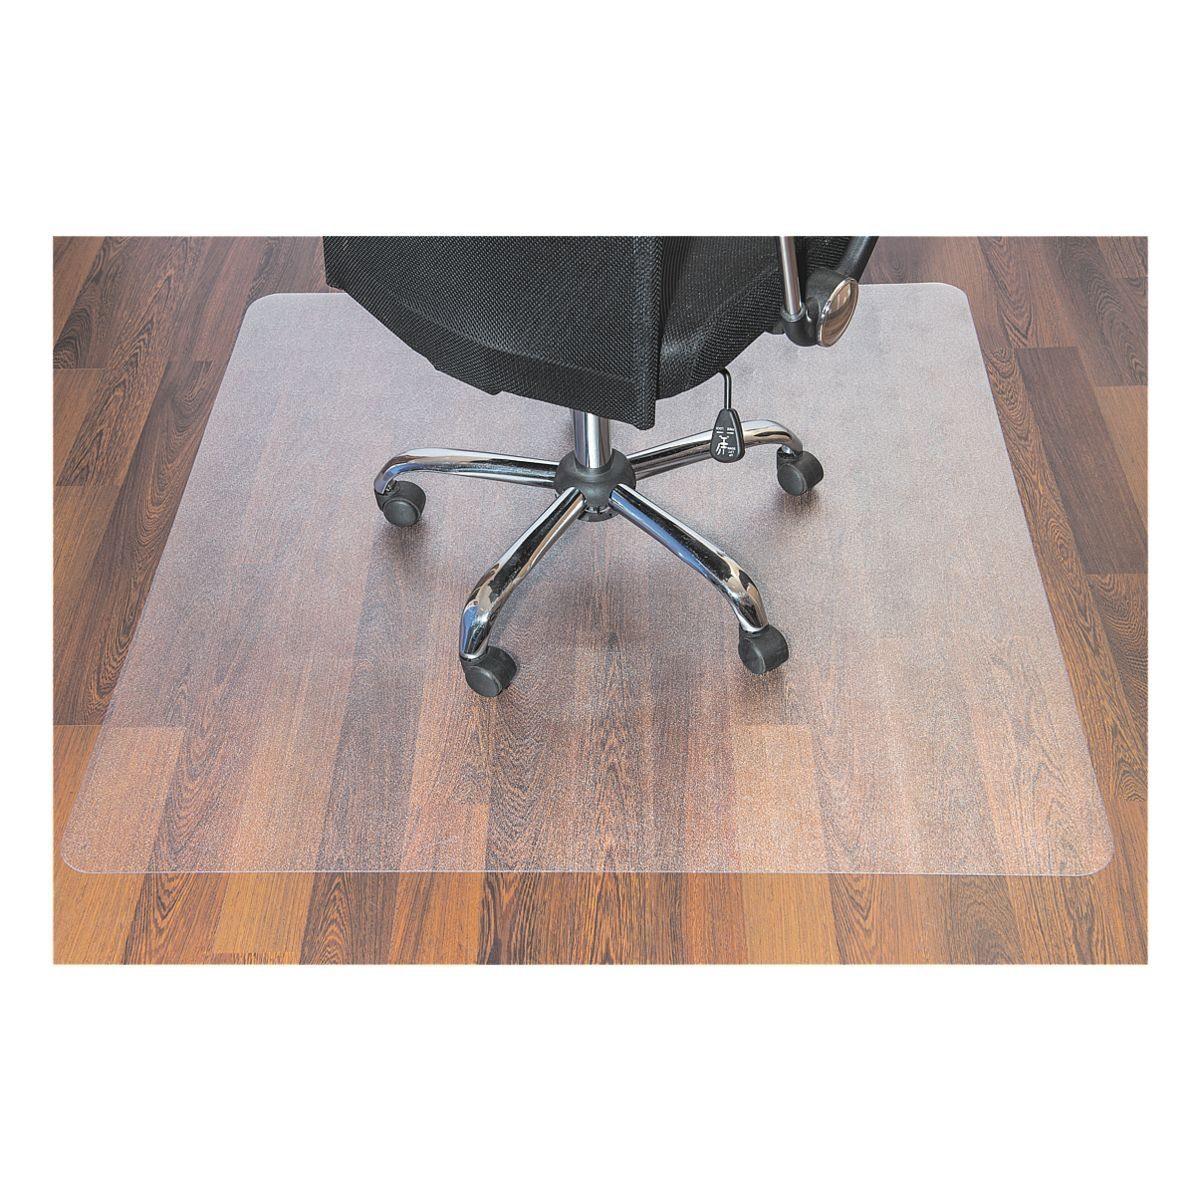 OTTOOFFICE BUDGET Bodenschutzmatte 120x130 cm, rechteckig, für Hartboden